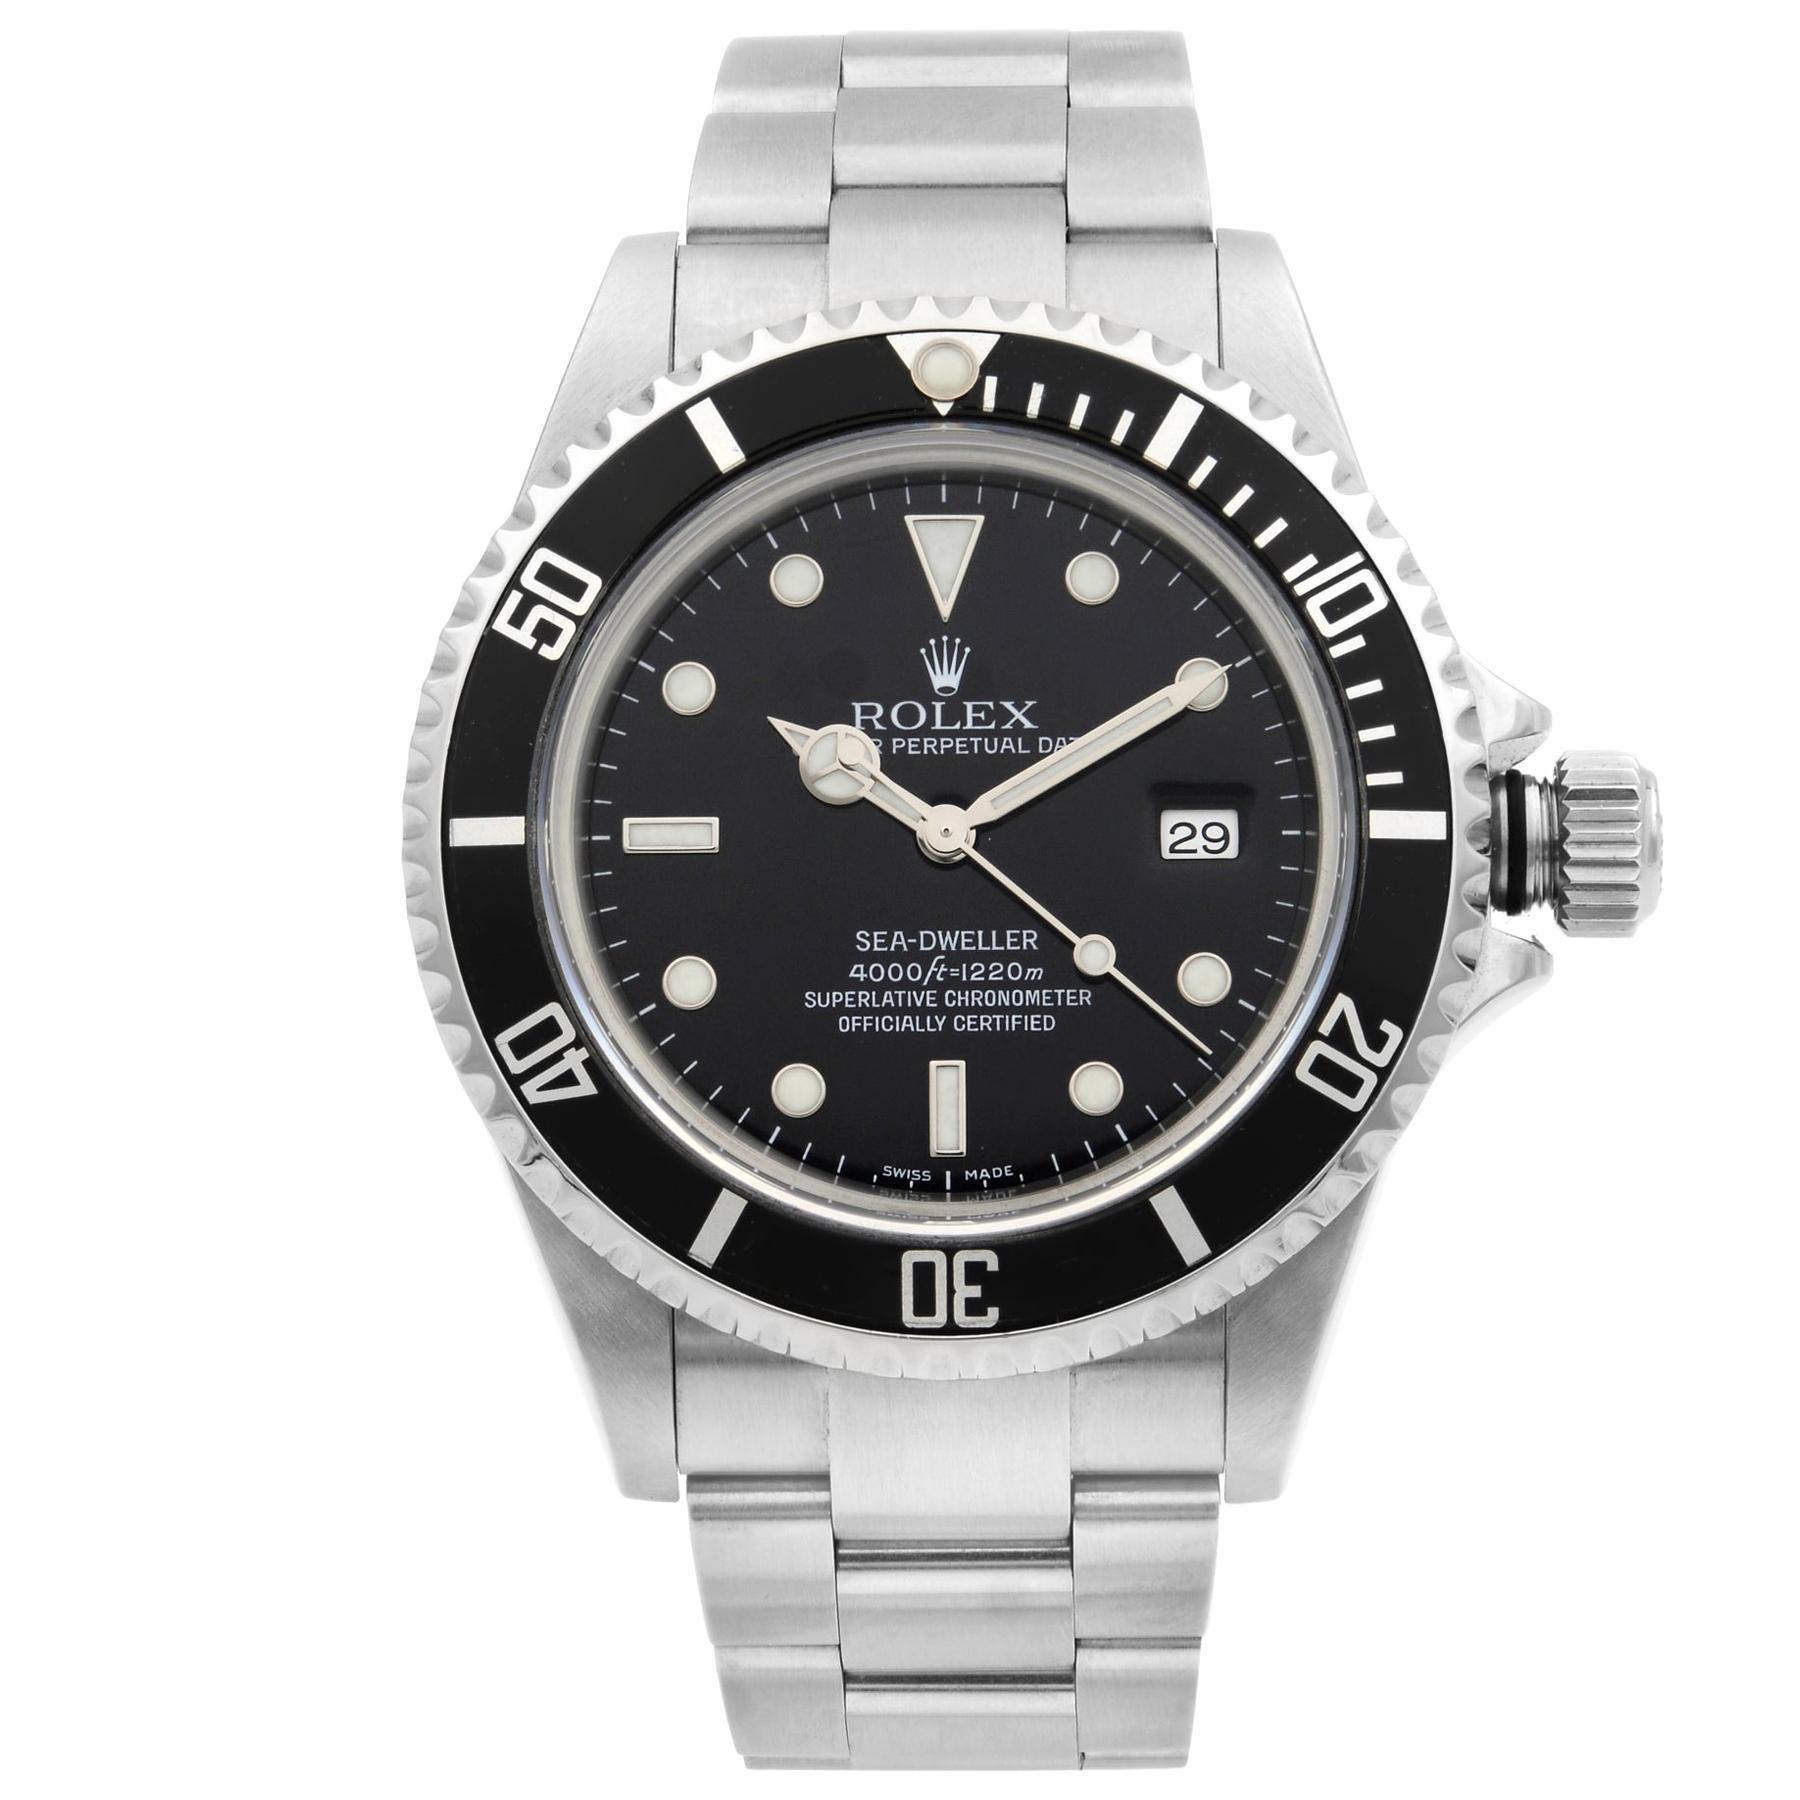 Rolex Sea-Dweller Steel Black Dial Automatic Men's Watch 16600